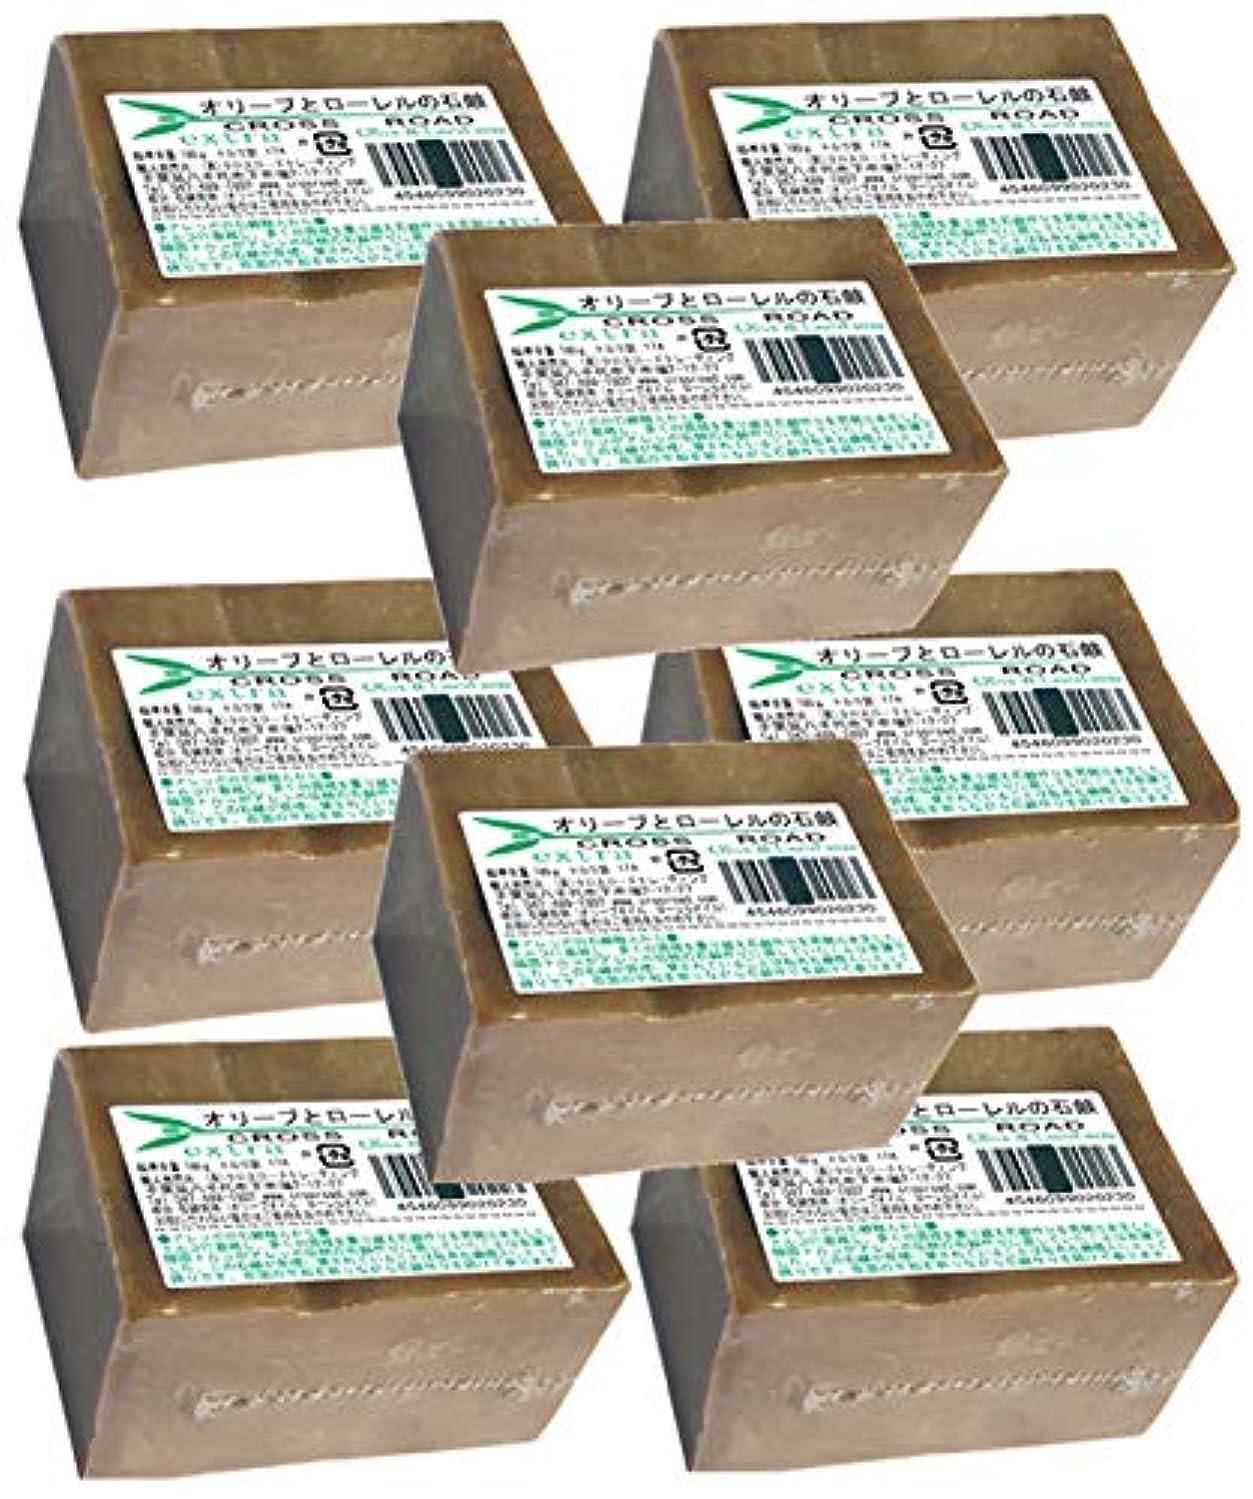 組立薬理学分析的オリーブとローレルの石鹸(エキストラ)8個セット[並行輸入品]